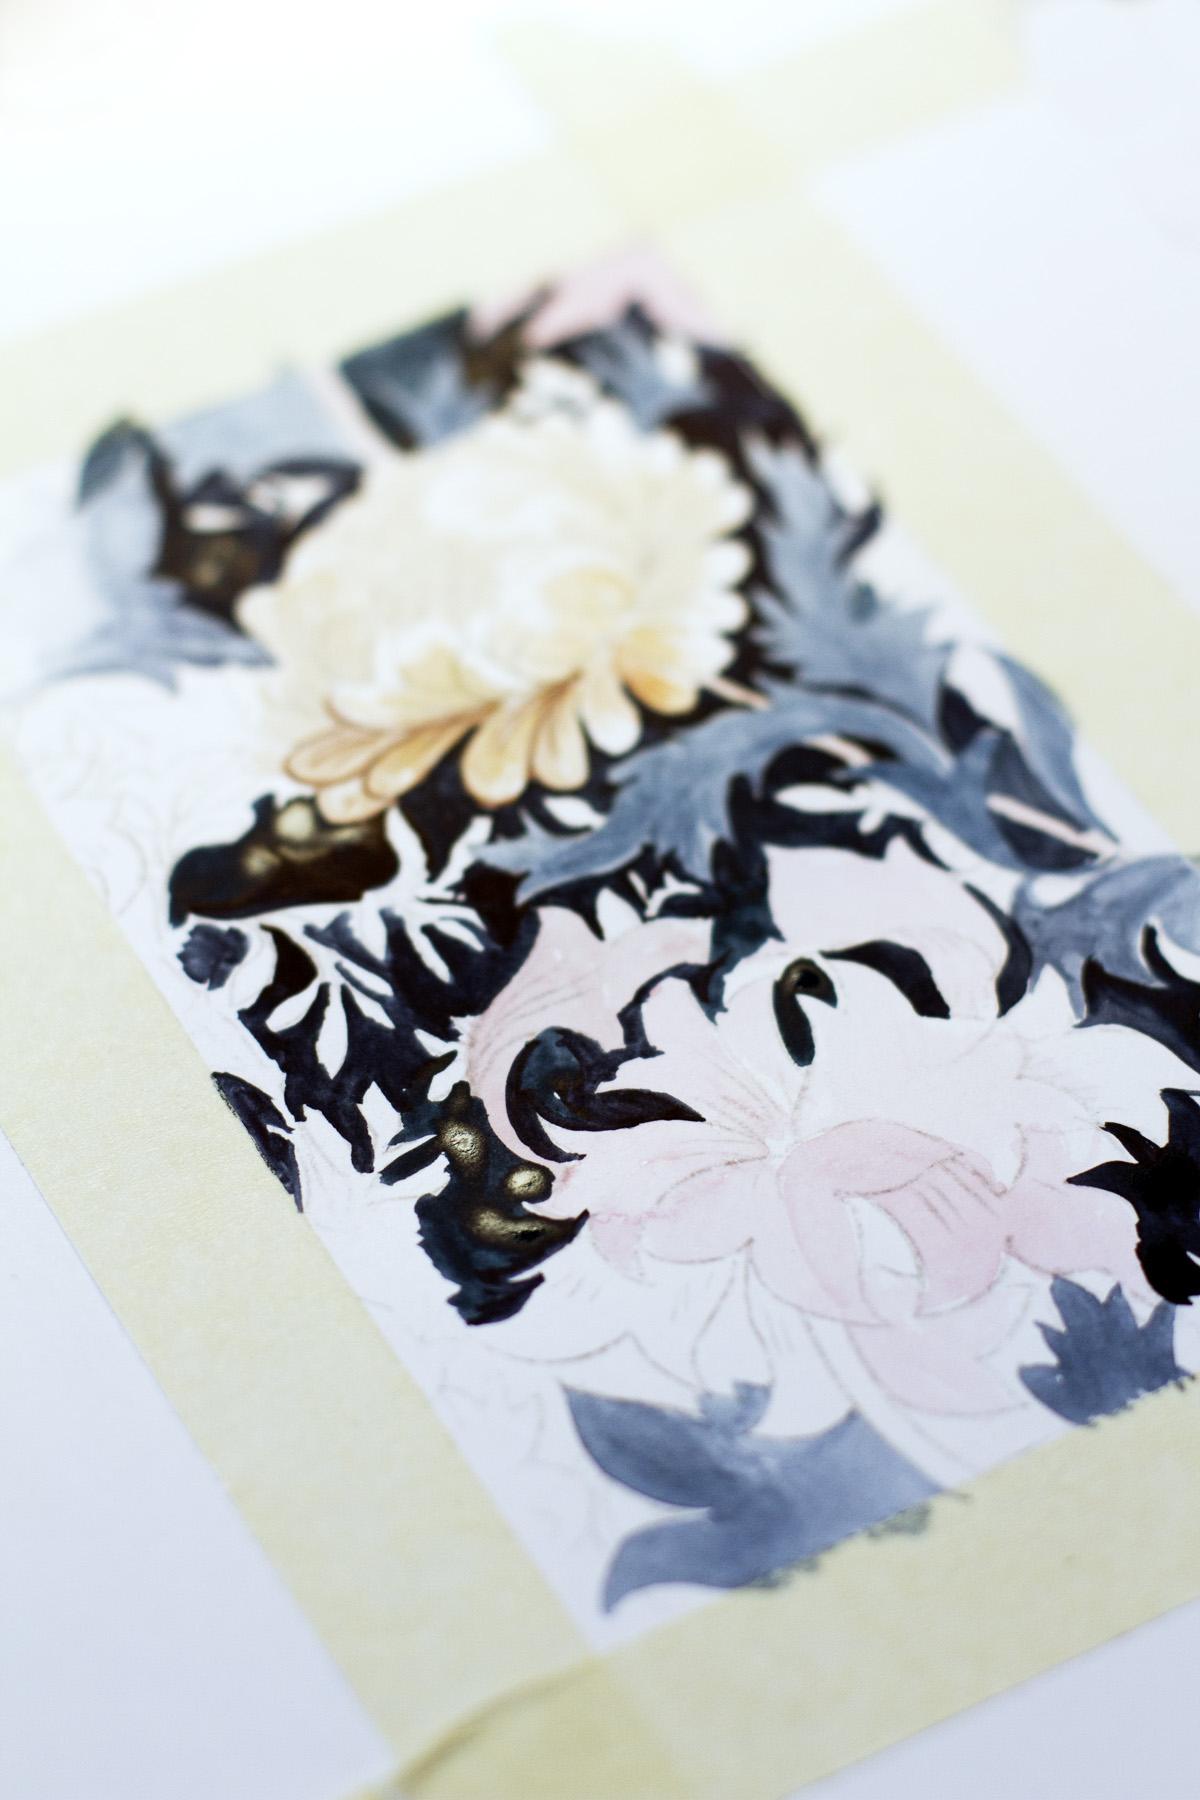 illustration-classes-online-skillshare